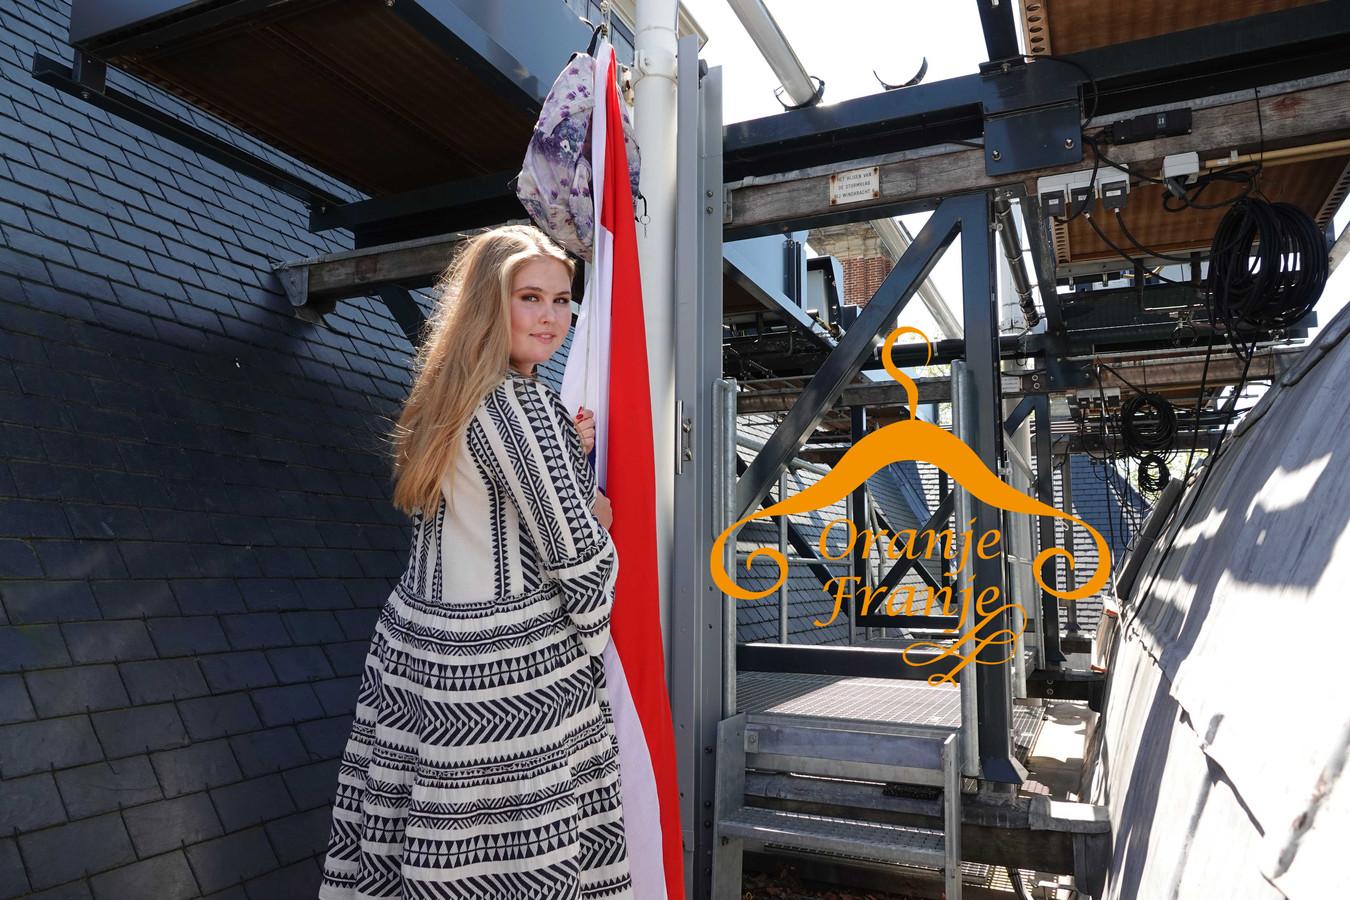 Prinses Amalia in de jurk van Devotion: wordt ook deze jurk een hit onder BN'ers?